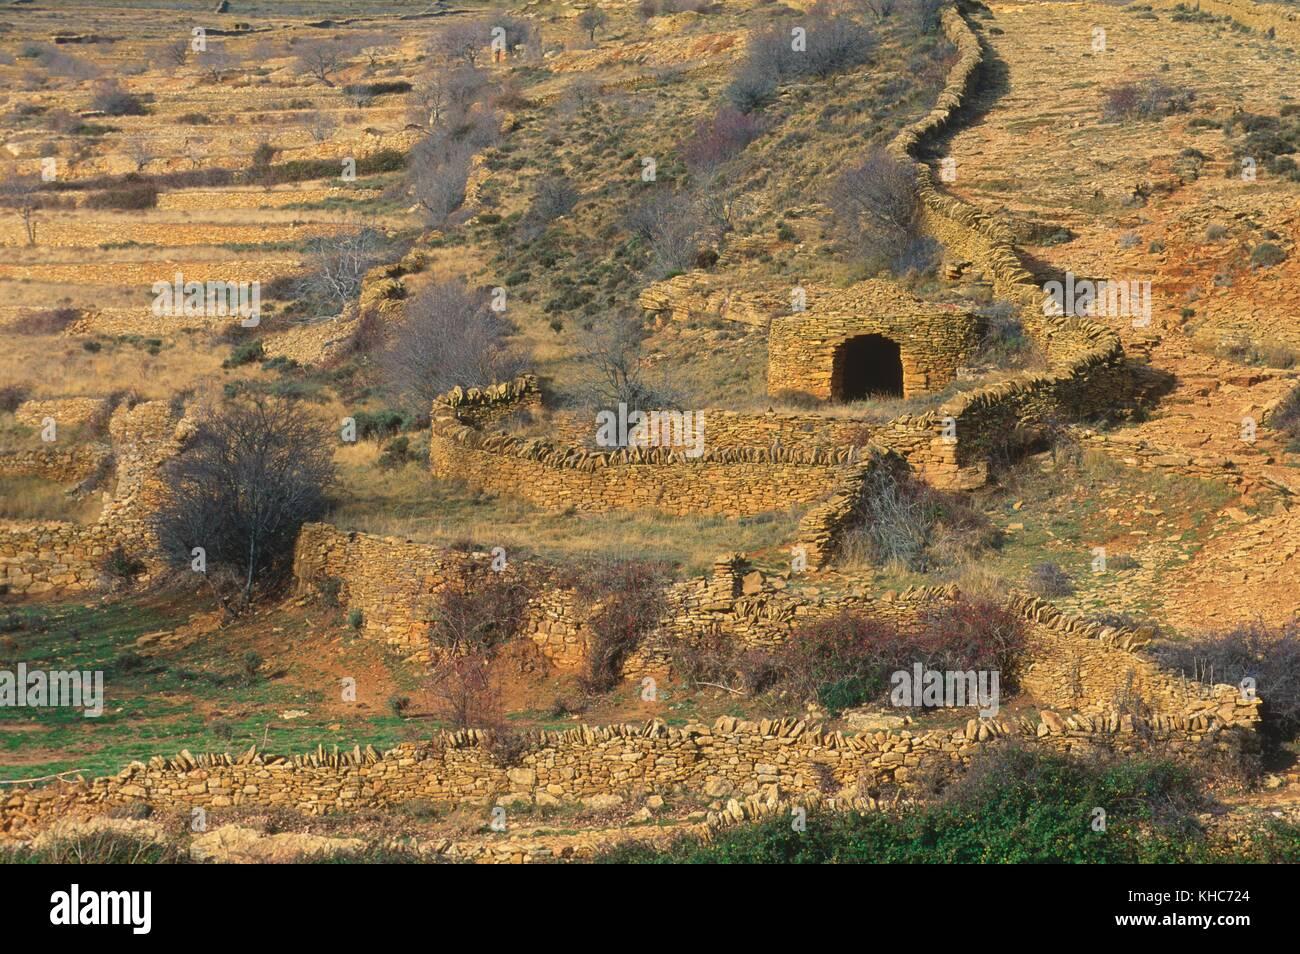 Los Campos De Cultivo En Forma De Terrazas Muros De Piedra